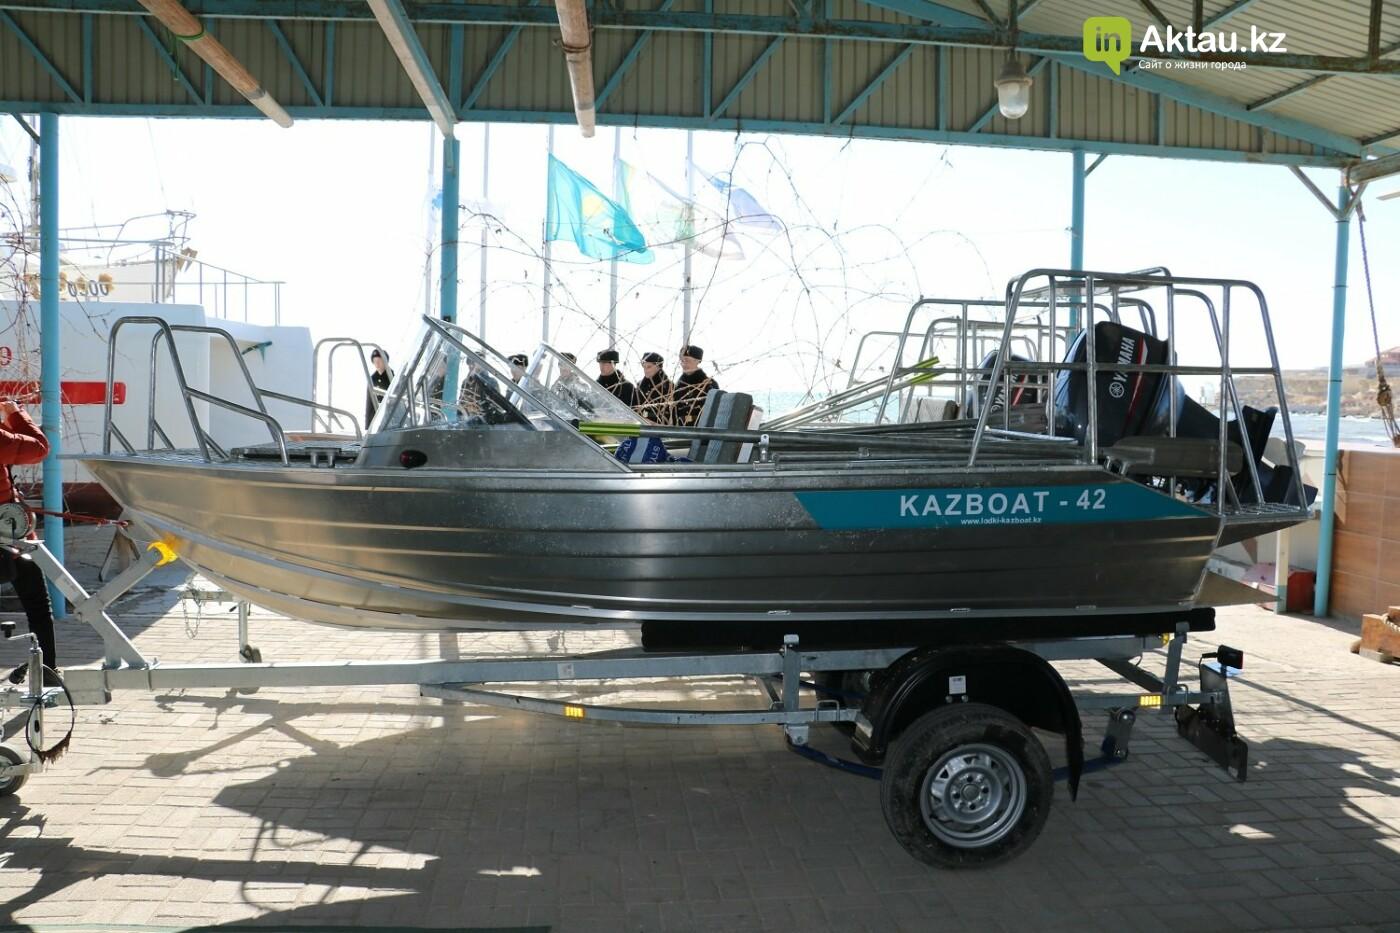 Новые катера для борьбы с браконьерами передали природному парку в Мангистау, фото-1